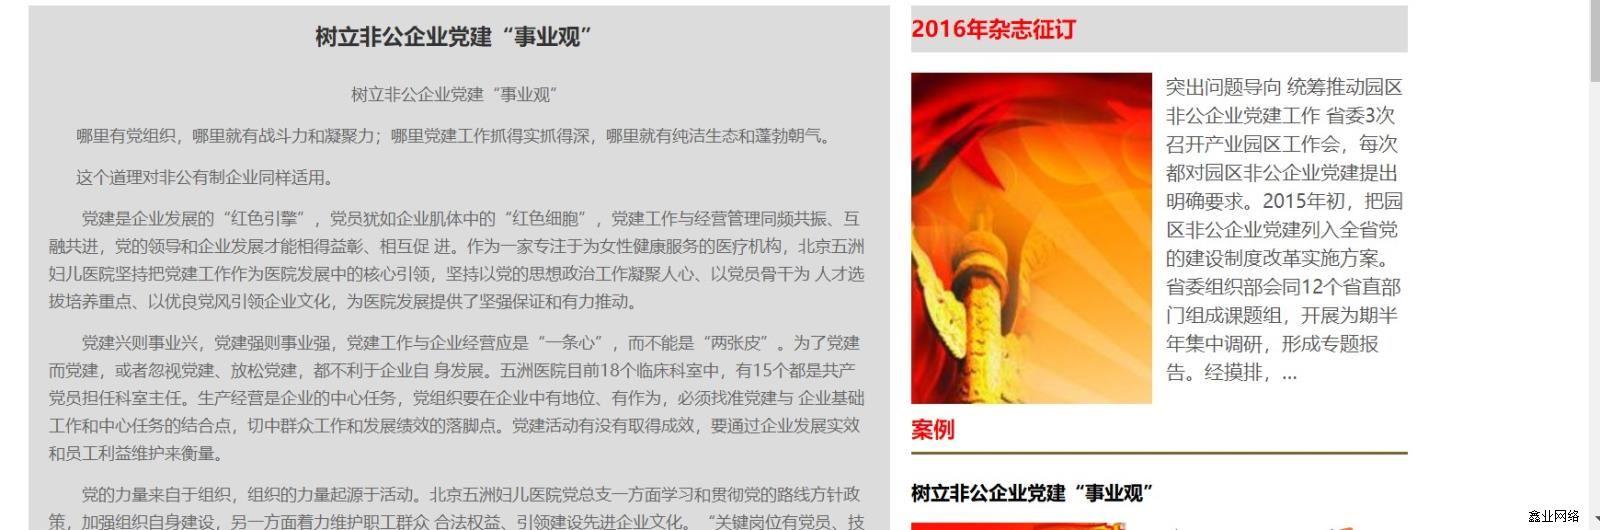 启东经济开发区非公企业党建门户网站2.jpg